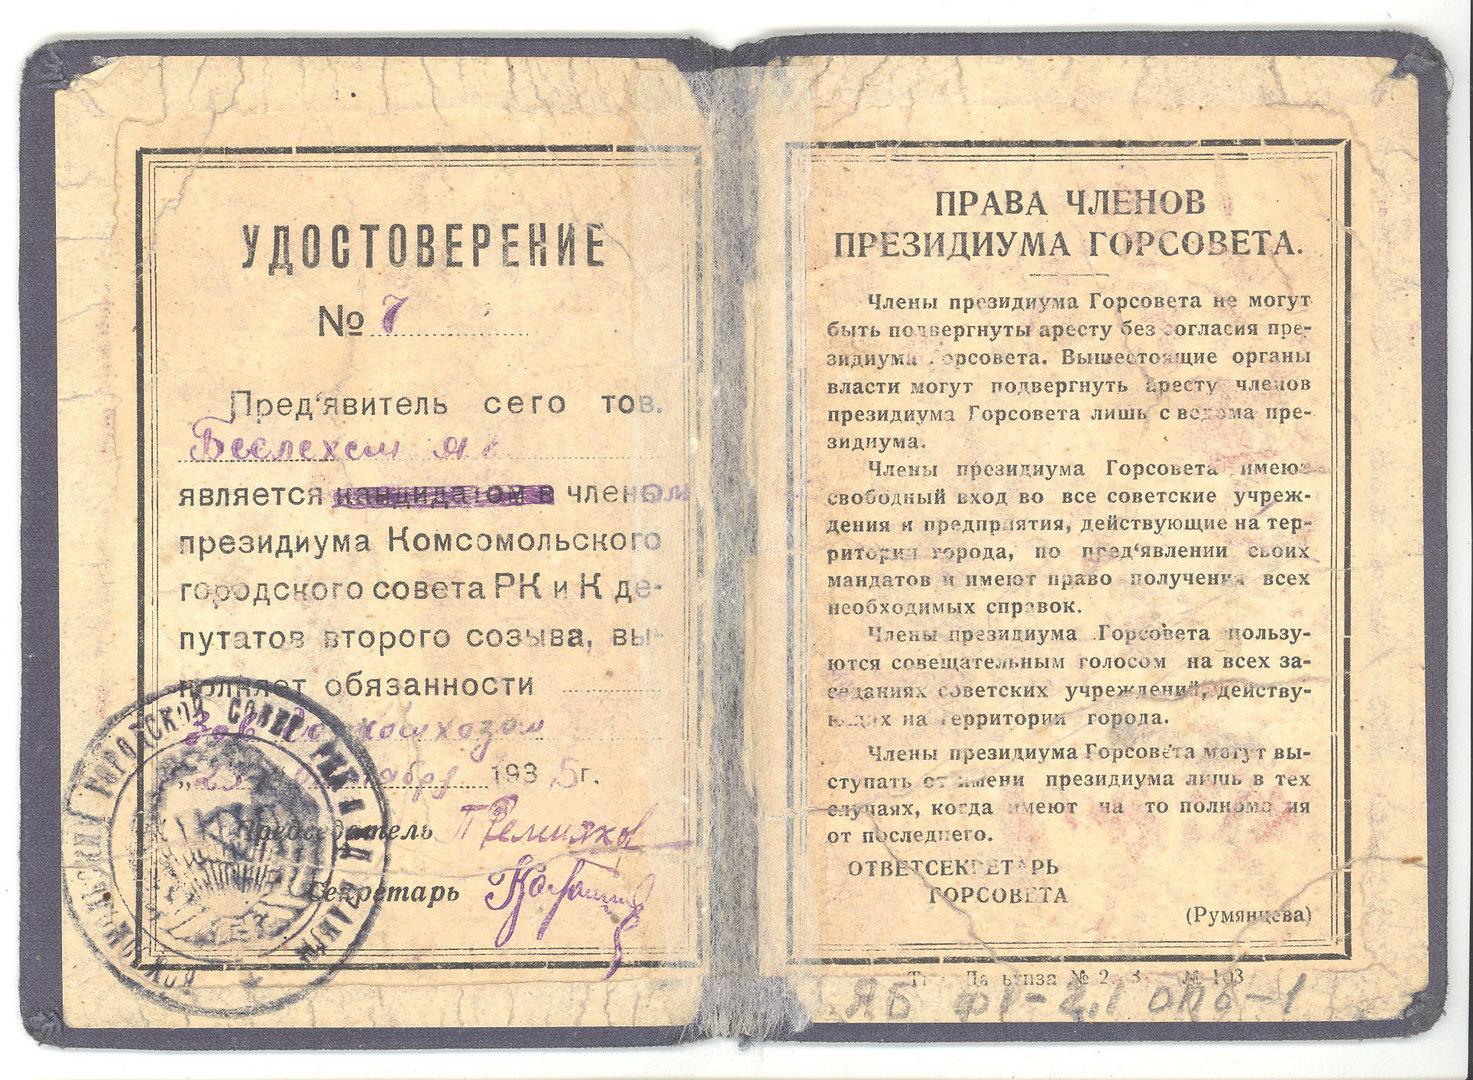 Удостоверение № 7 члена президиума Комсомольского городского Совета РК и К депутатов Бейслихема Якова Григорьевича